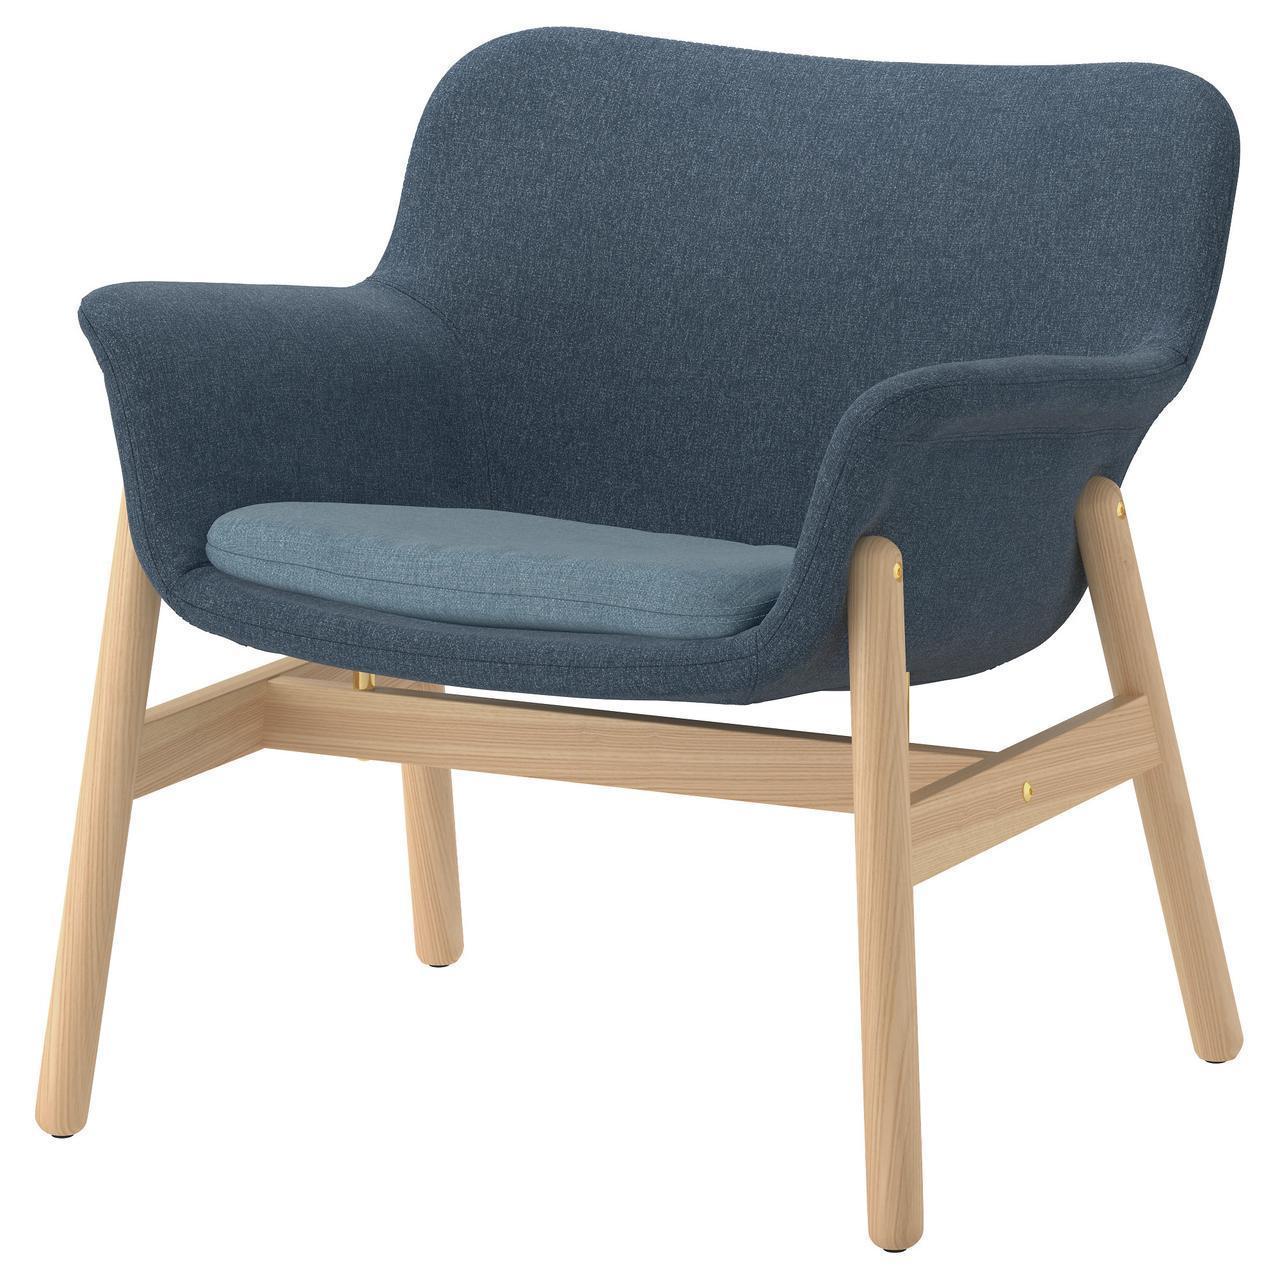 Кресло IKEA VEDBO Gunnared мягкое синее 504.235.73